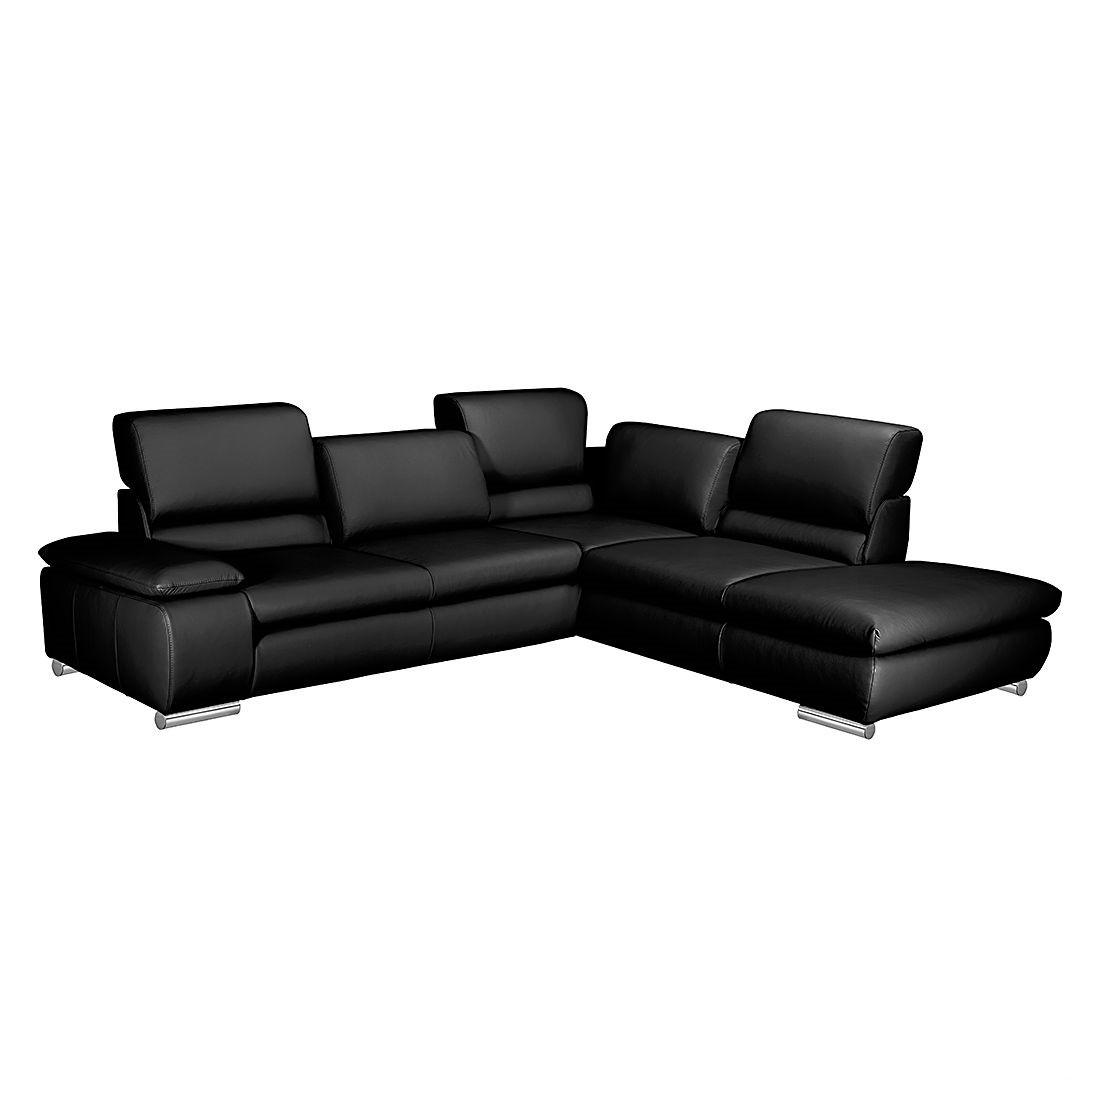 Canapé d'angle Masca I